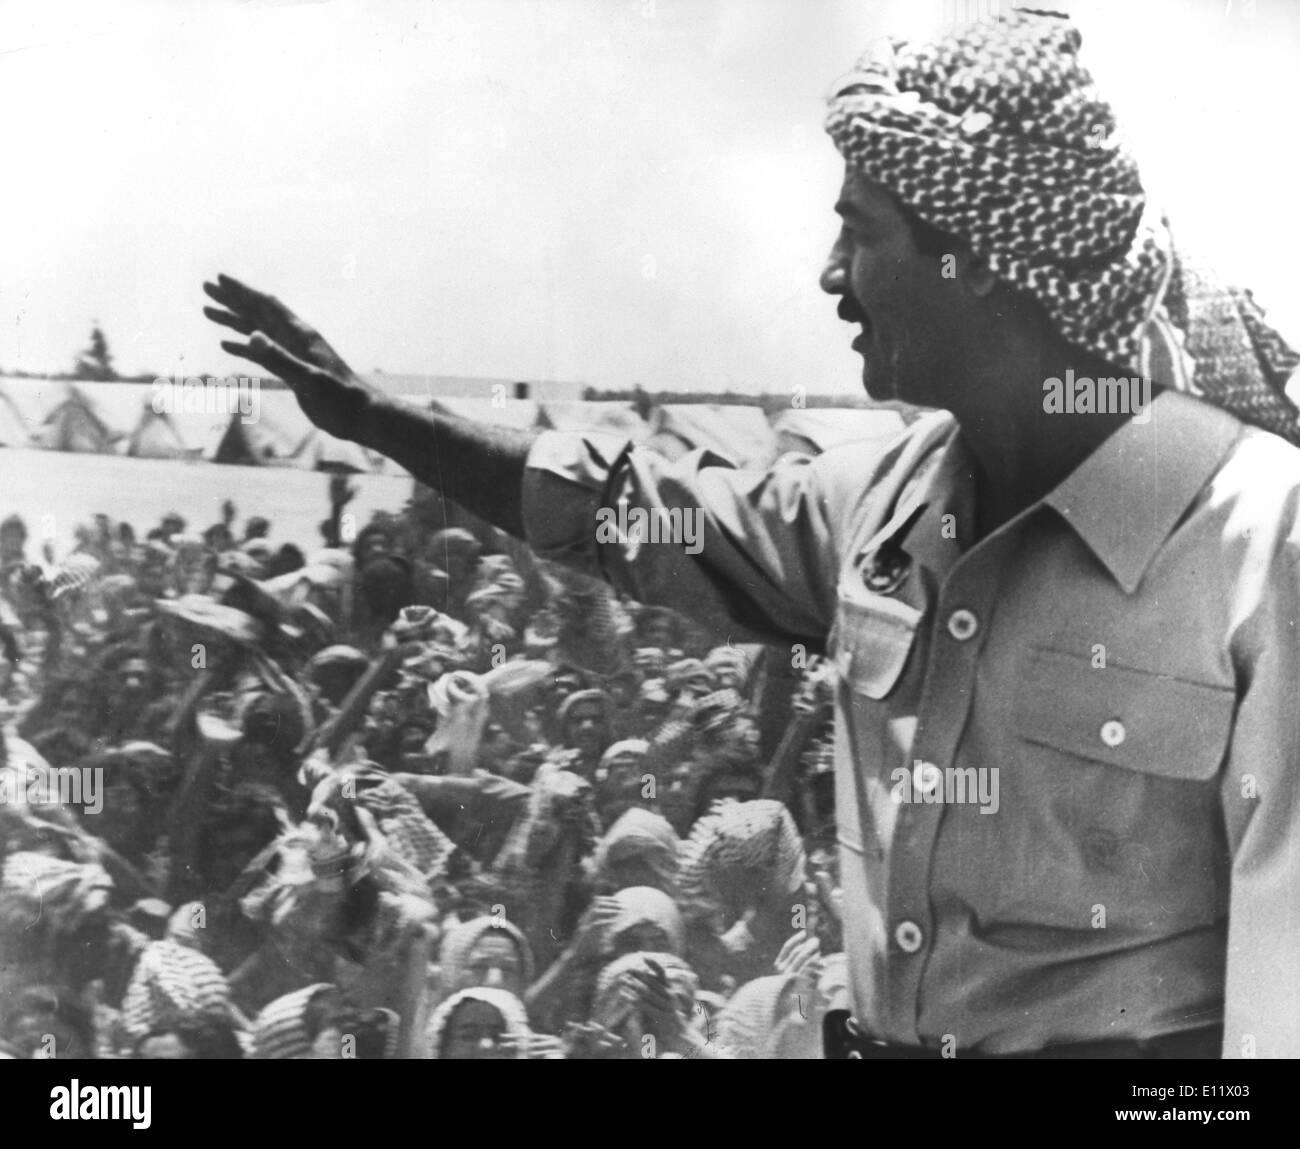 Irak Führer SADDAM HUSSEIN Adressierung Mitglieder seiner Streitkräfte kurz vor der Invasion des Iran Stockbild